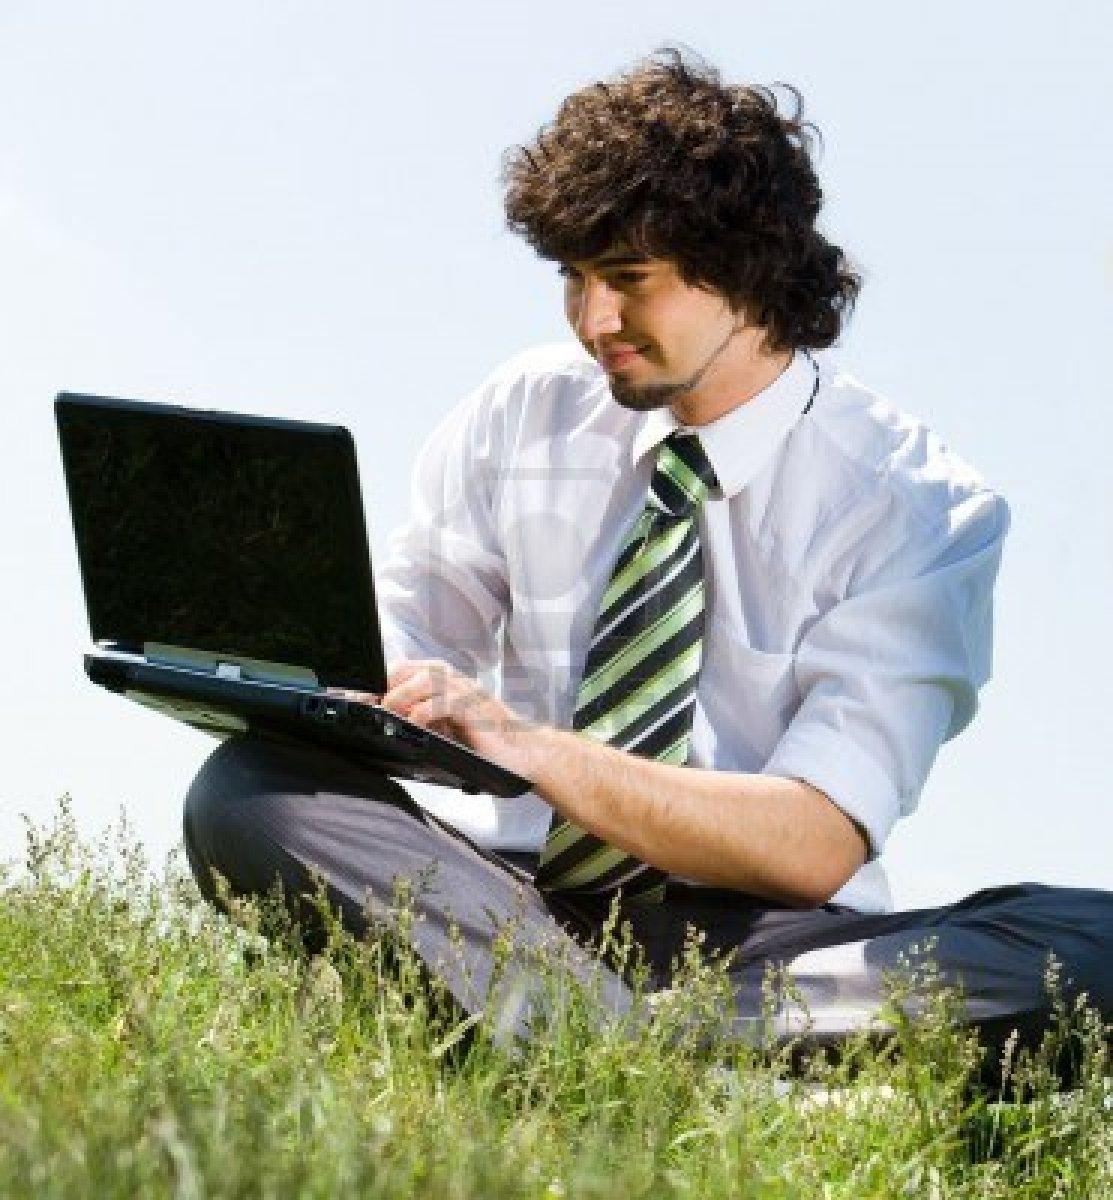 3228360-ritratto-di-giovane-uomo-d-39-affari-facendo-il-lavoro-svolto-al-computer-nel-parco